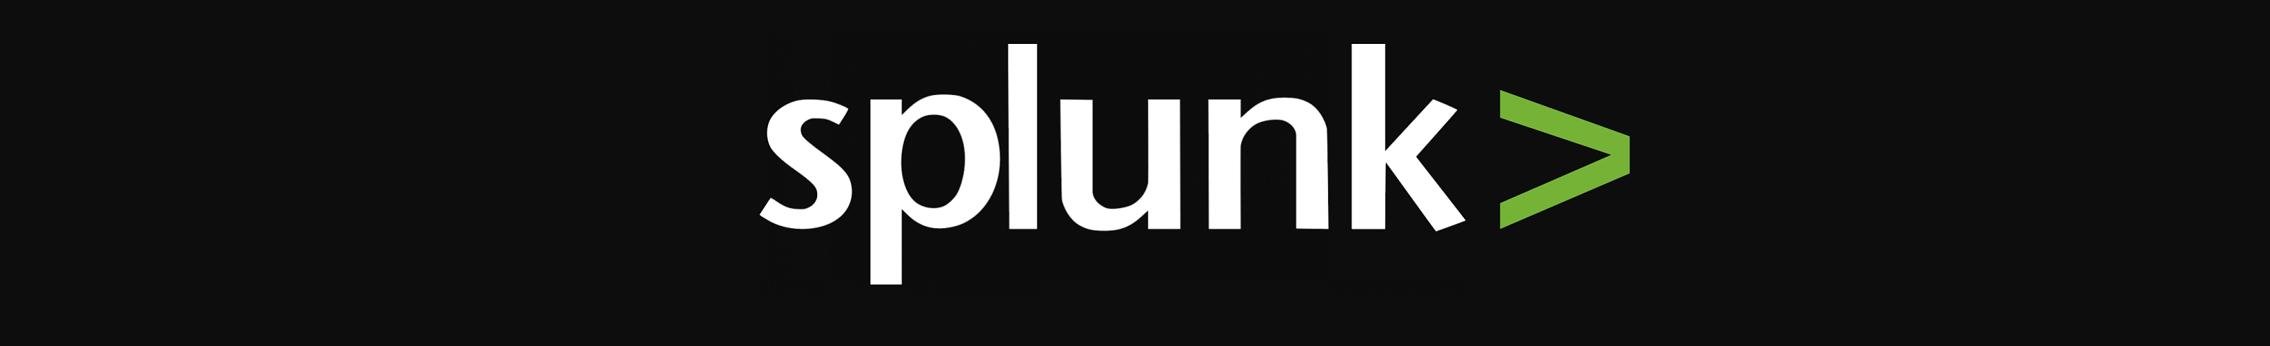 Splunk Logo - Top 10 Data Analytics Tools - Edureka